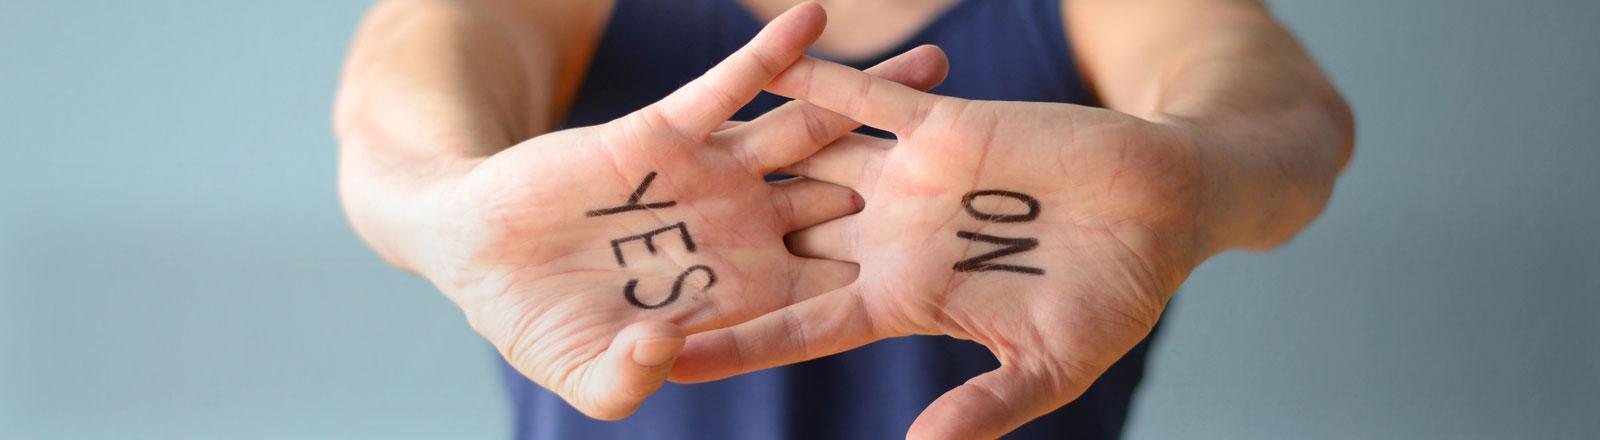 Eine Person zeigt ihre Handinnenflächen. Auf der einen steht: Yes, auf der anderen: No